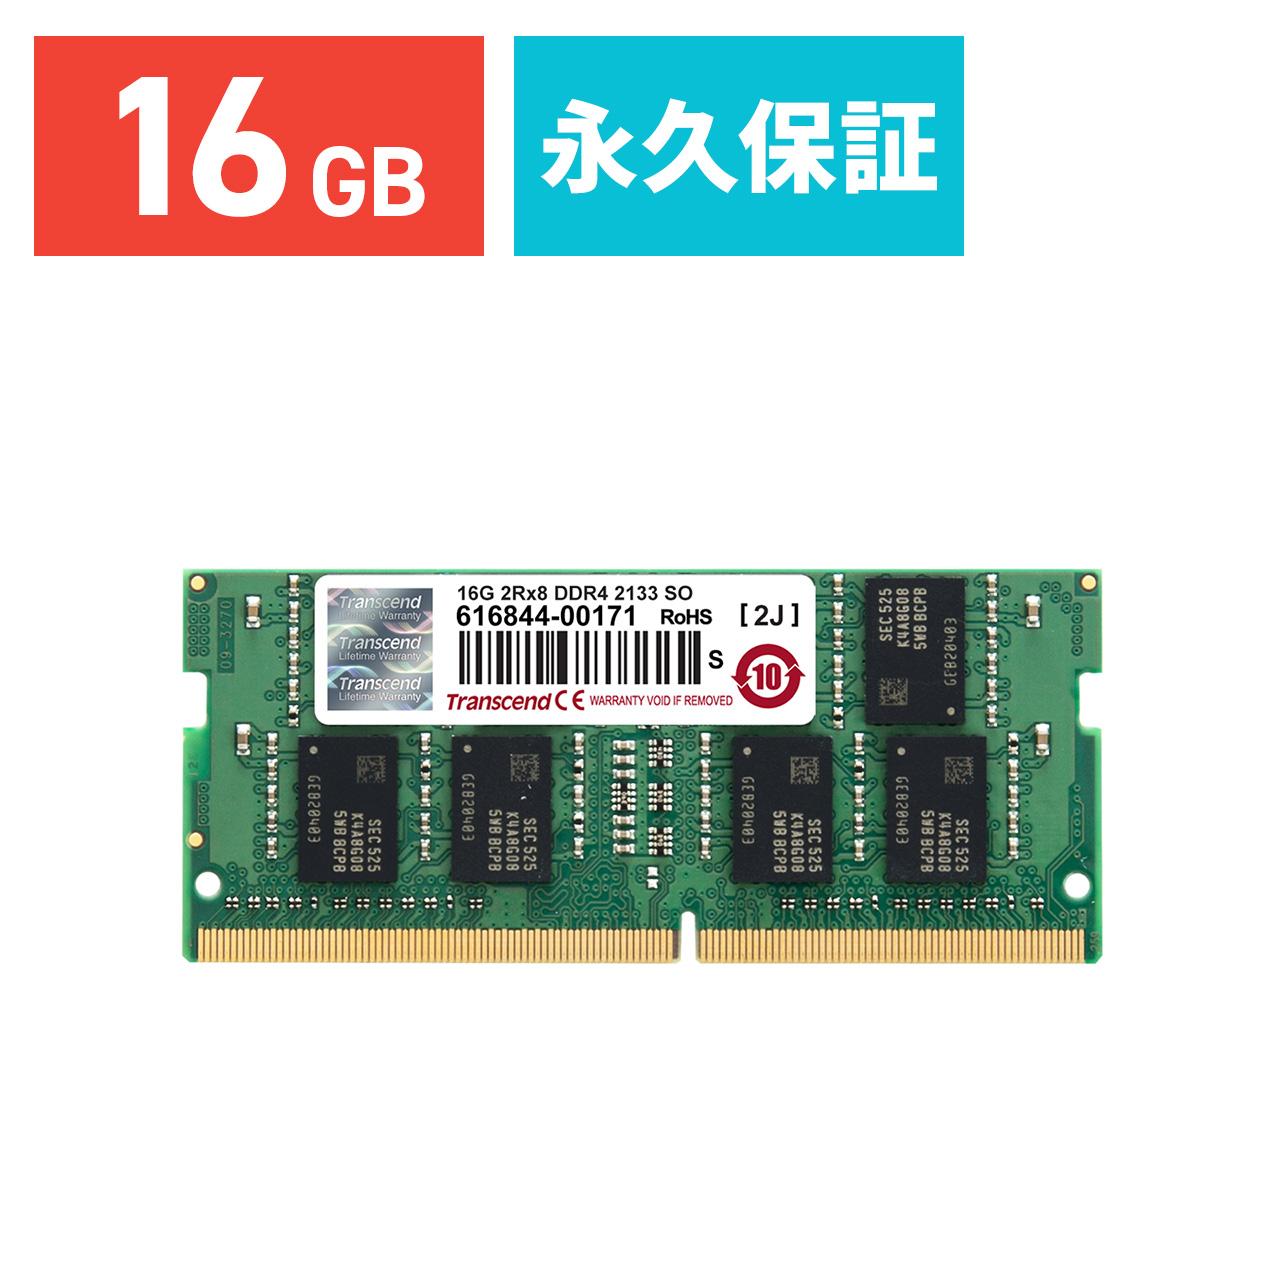 【3月15日値下げしました】Transcend 増設メモリー 16GB ノートPC用 DDR4-2133 PC4-17000 SO-DIMM PCメモリ メモリーモジュール[TS2GSH64V1B] 【ネコポス対応】【BOX受取対象商品】【送料無料】